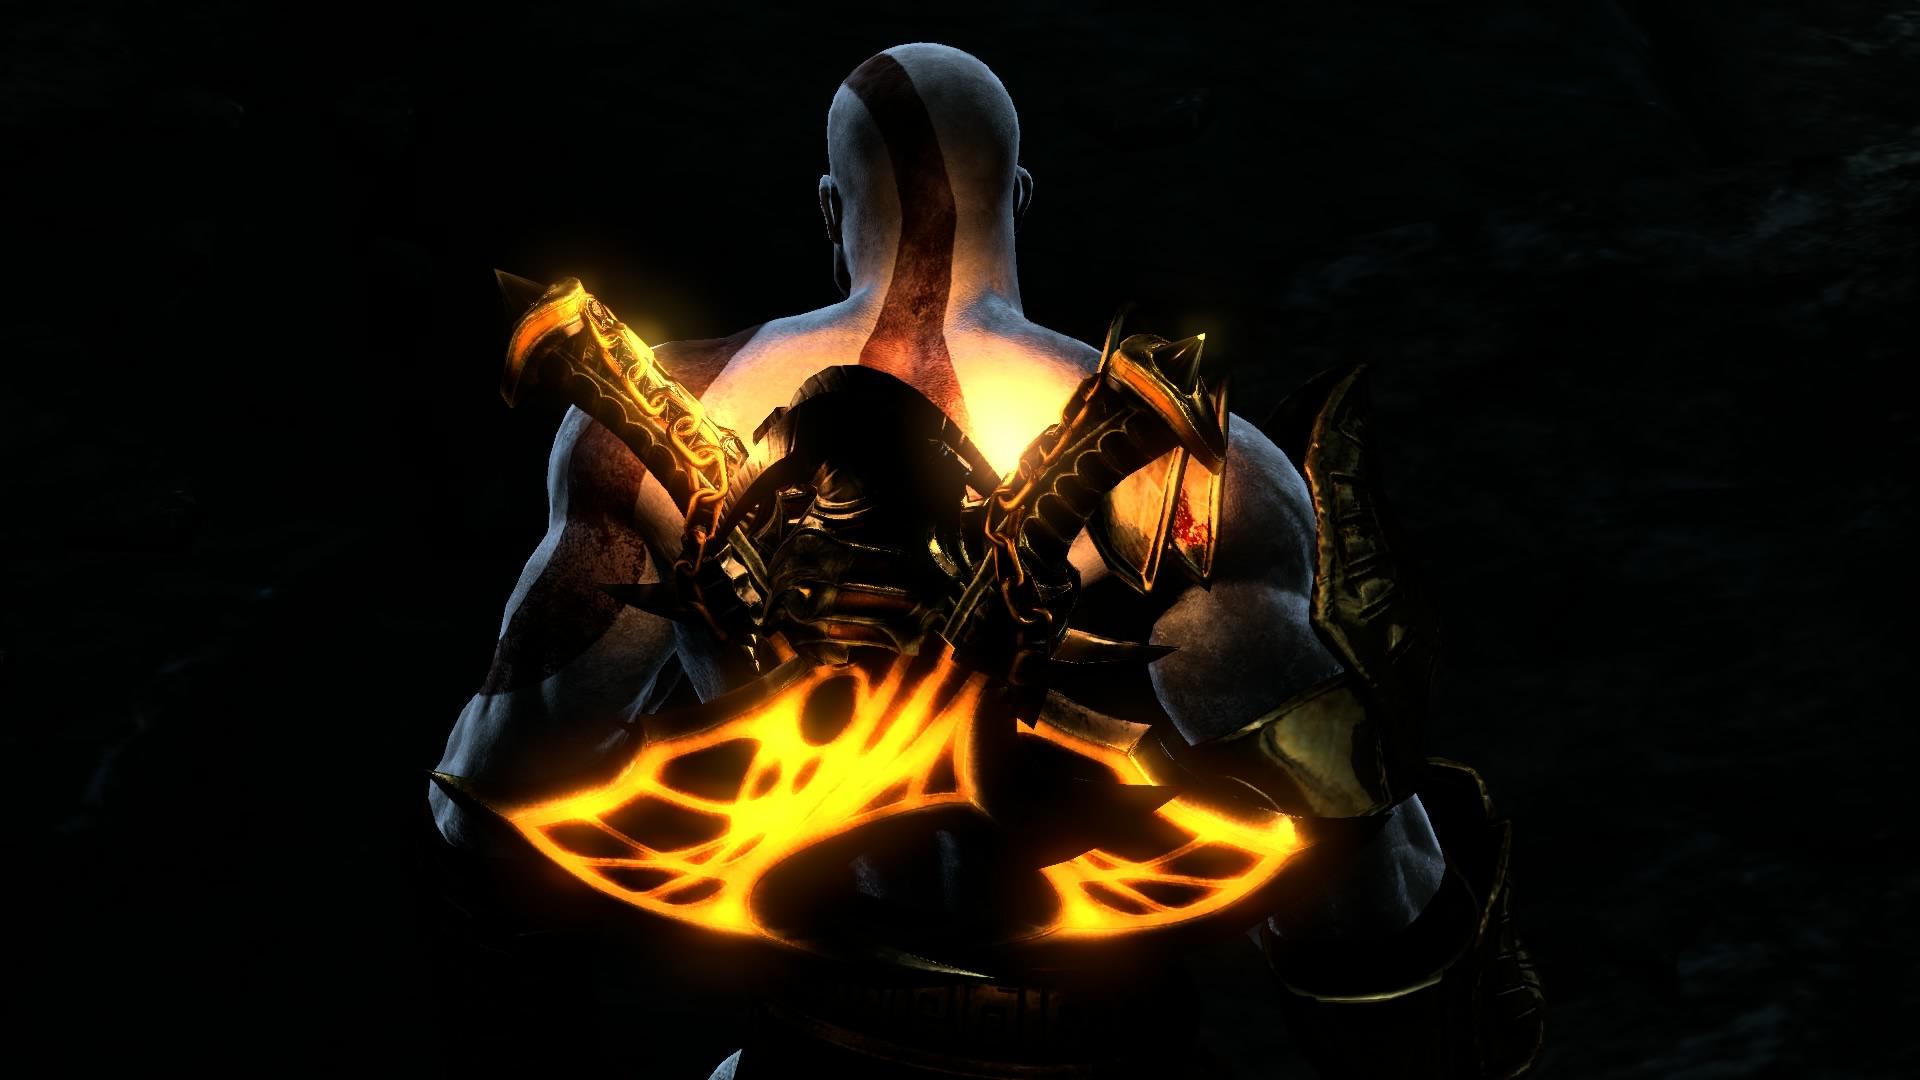 Mortal Kombat 9 Kratos GAMEPLAY!!!